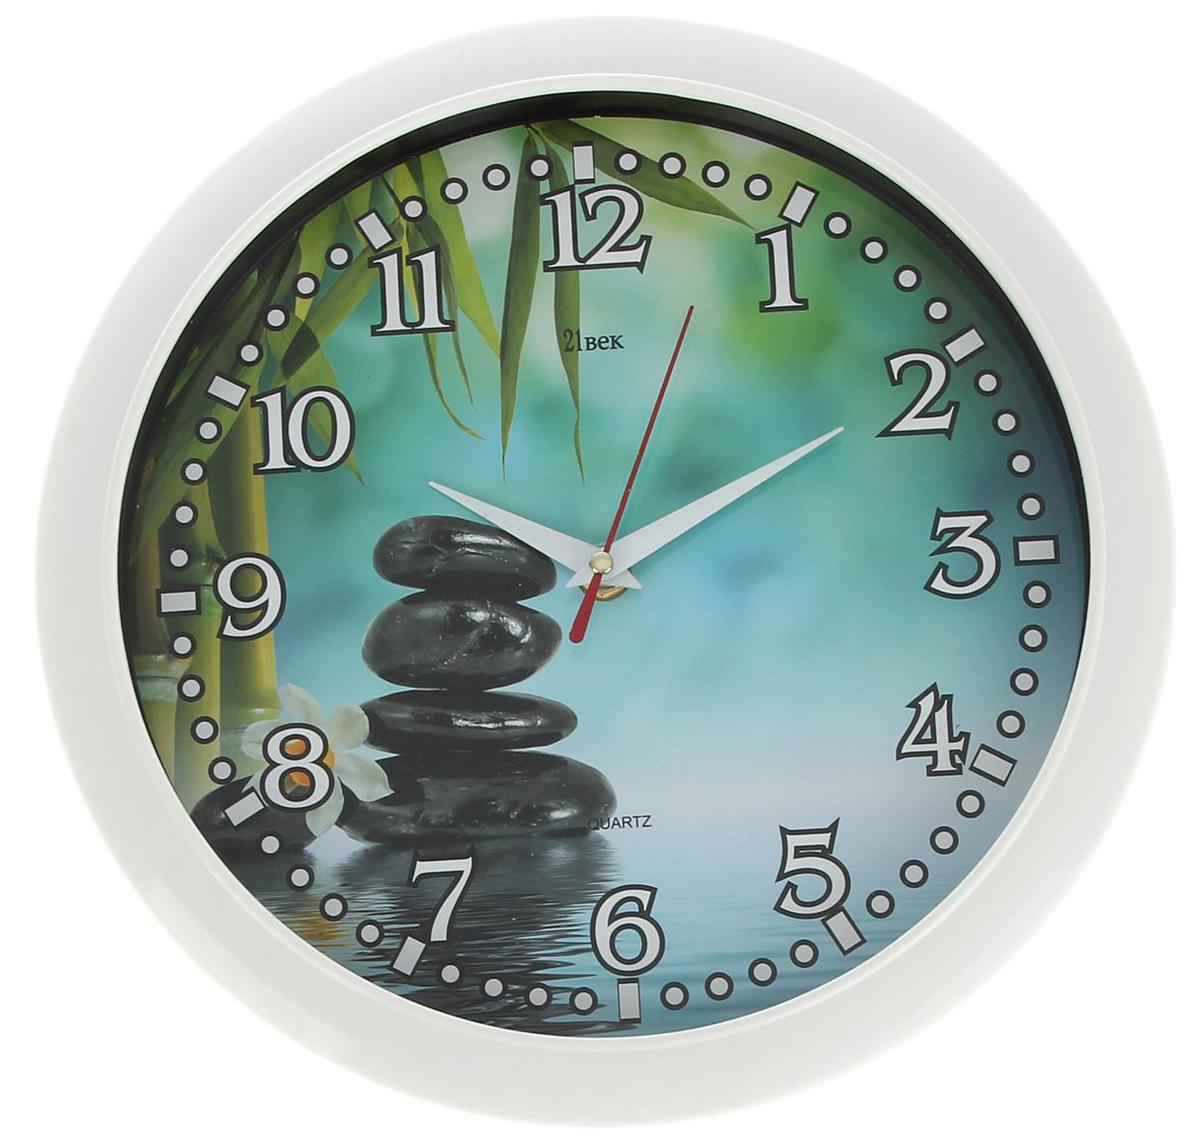 Часы настенные 21 Век Гальки, диаметр 30 см1275325— сувенир в полном смысле этого слова. И главная его задача — хранить воспоминание о месте, где вы побывали, или о том человеке, который подарил данный предмет. Преподнесите эту вещь своему другу, и она станет достойным украшением его дома. Каждому хозяину периодически приходит мысль обновить свою квартиру, сделать ремонт, перестановку или кардинально поменять внешний вид каждой комнаты. — привлекательная деталь, которая поможет воплотить вашу интерьерную идею, создать неповторимую атмосферу в вашем доме. Окружите себя приятными мелочами, пусть они радуют глаз и дарят гармонию.Часы настенные круглые Гальки, белое кольцо, 30 см 1275325